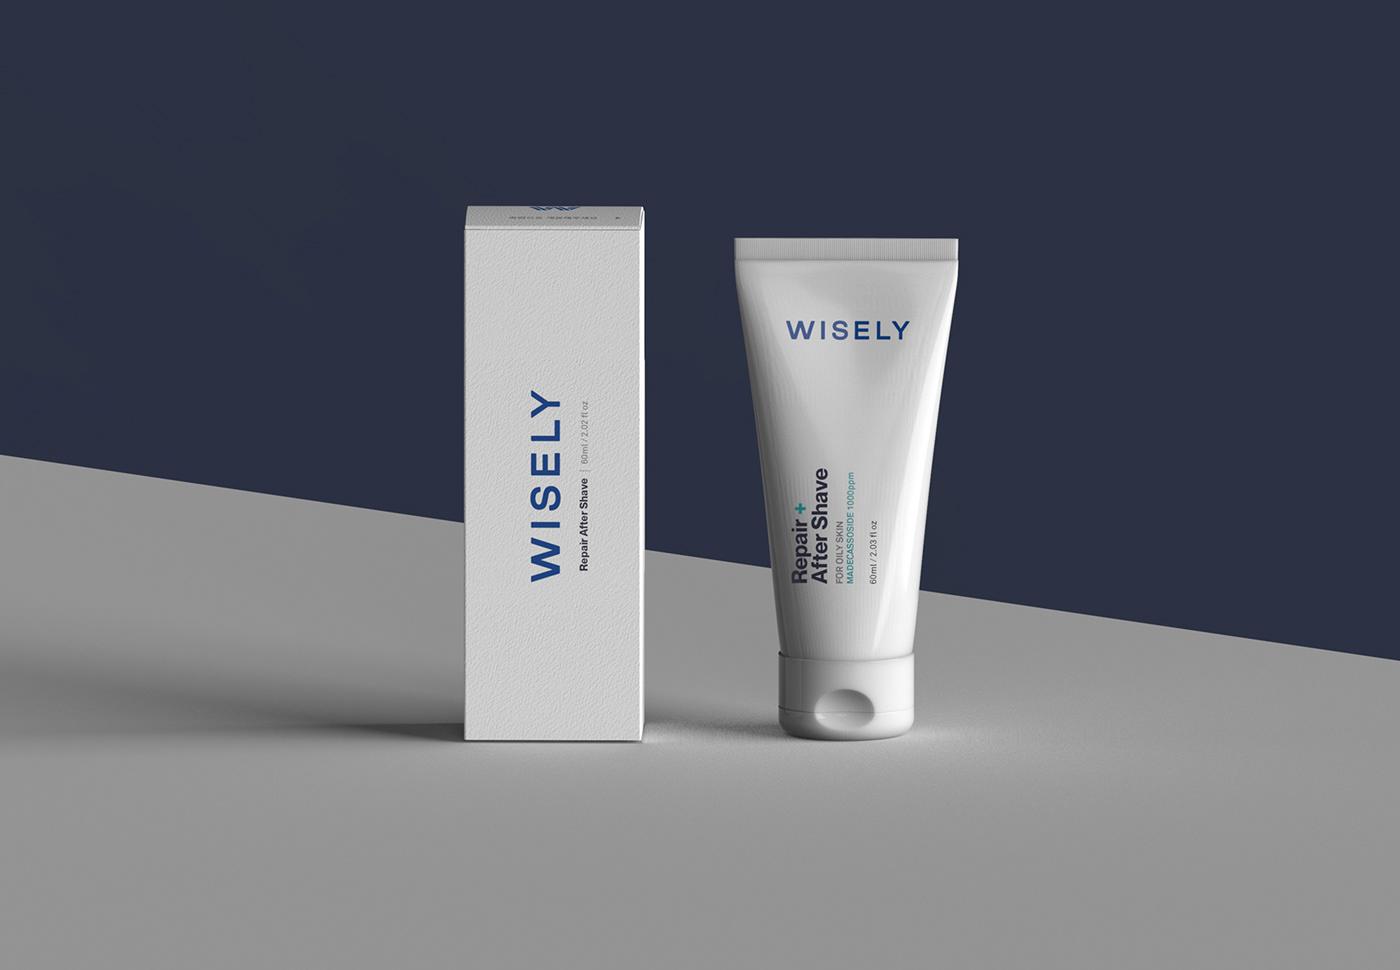 北京包装设计分享|白色极简风的化妆品包装设计创意